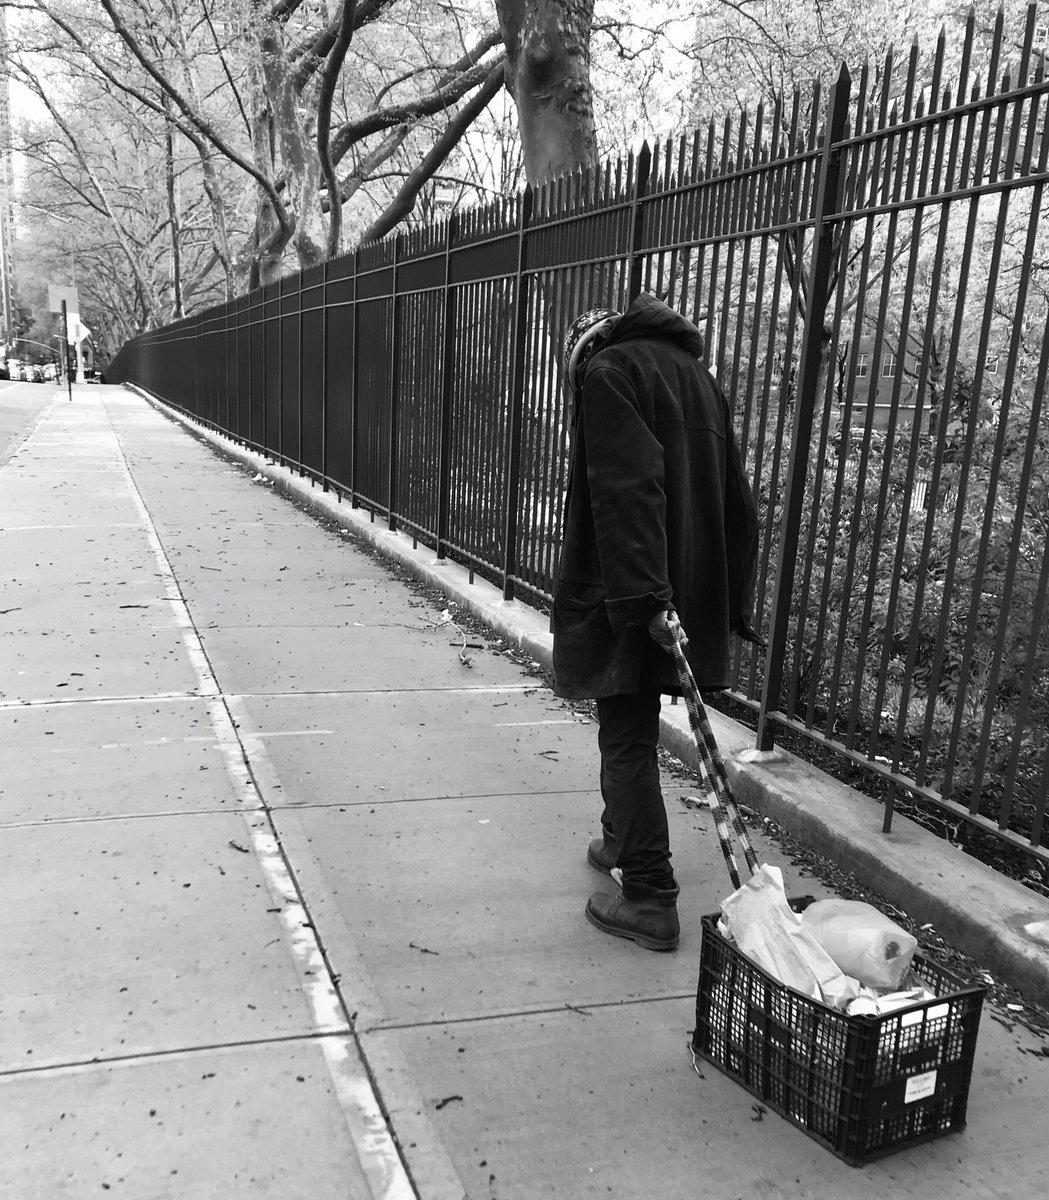 Human being dragging box... #NewYork #newyorkcity #Covid_19 #ThePhotoHour #blackandwhitephotography #BlackAndWhite #StormHourpic.twitter.com/W8qTrGaZft